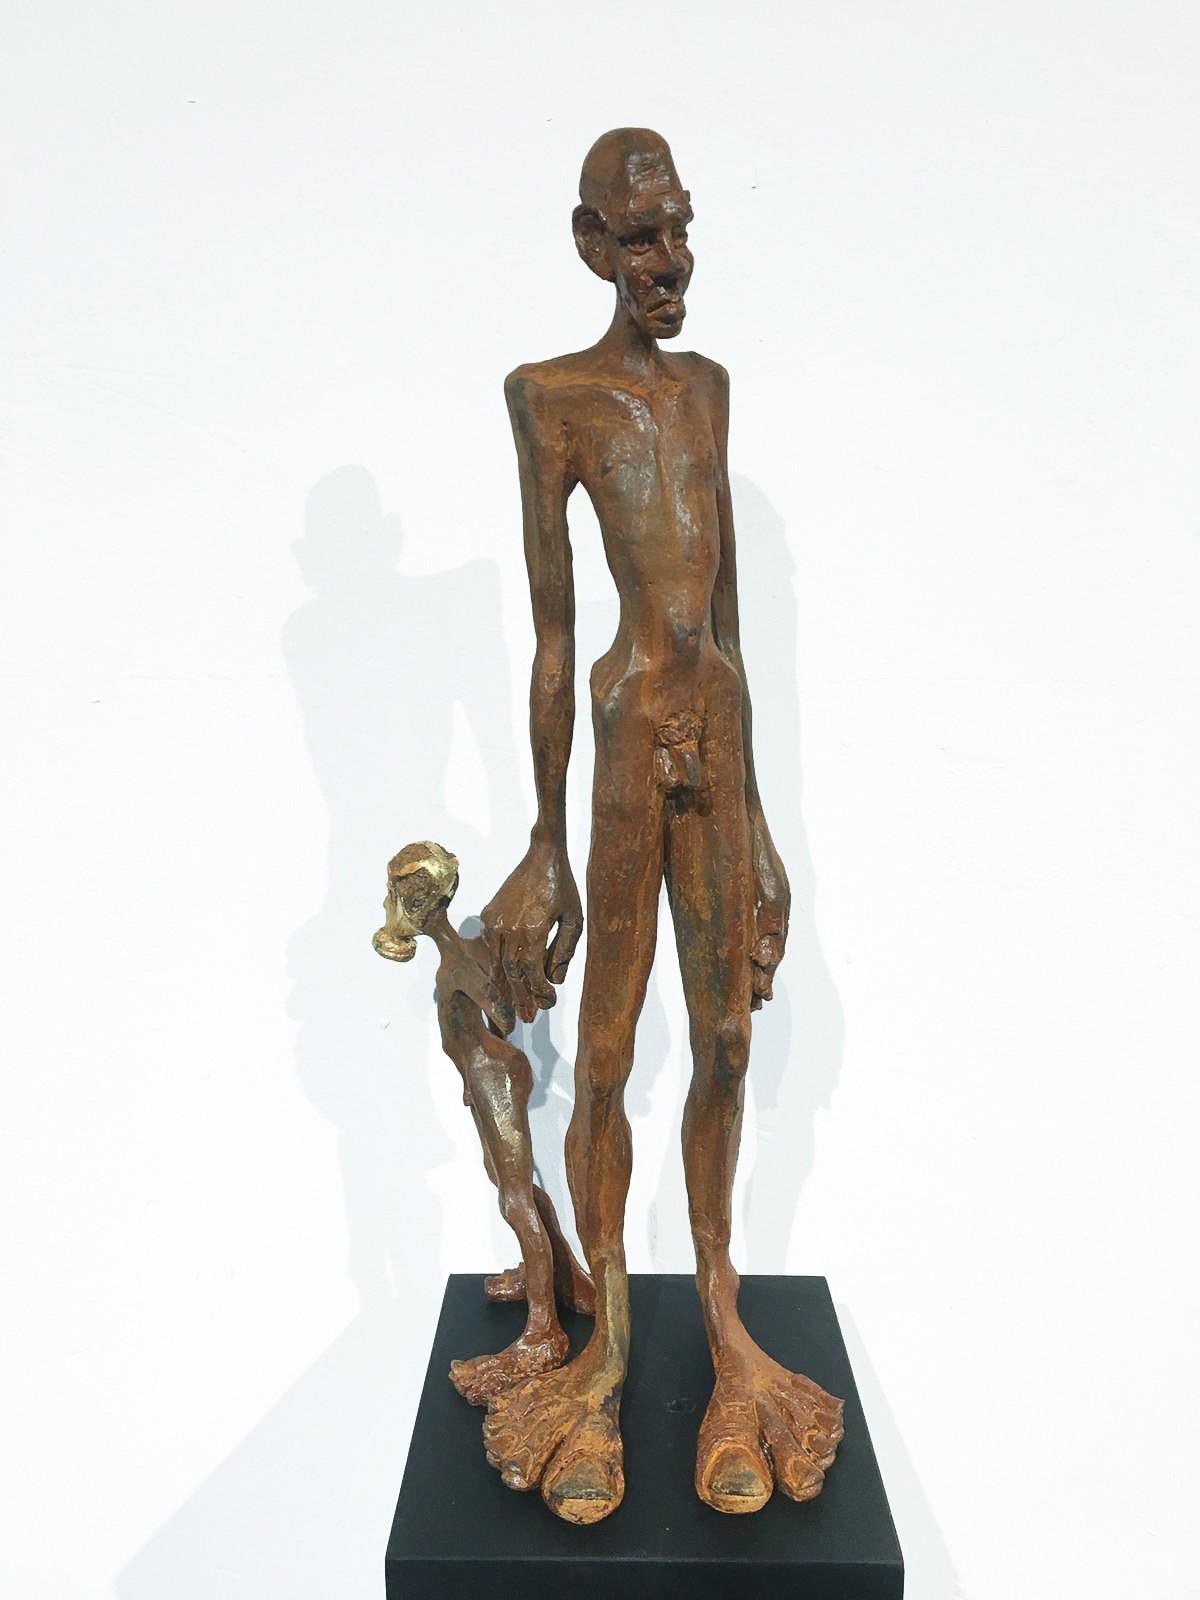 Nachlass - Eisen Plastik, Skulptur von Tim David Trillsam, Edition